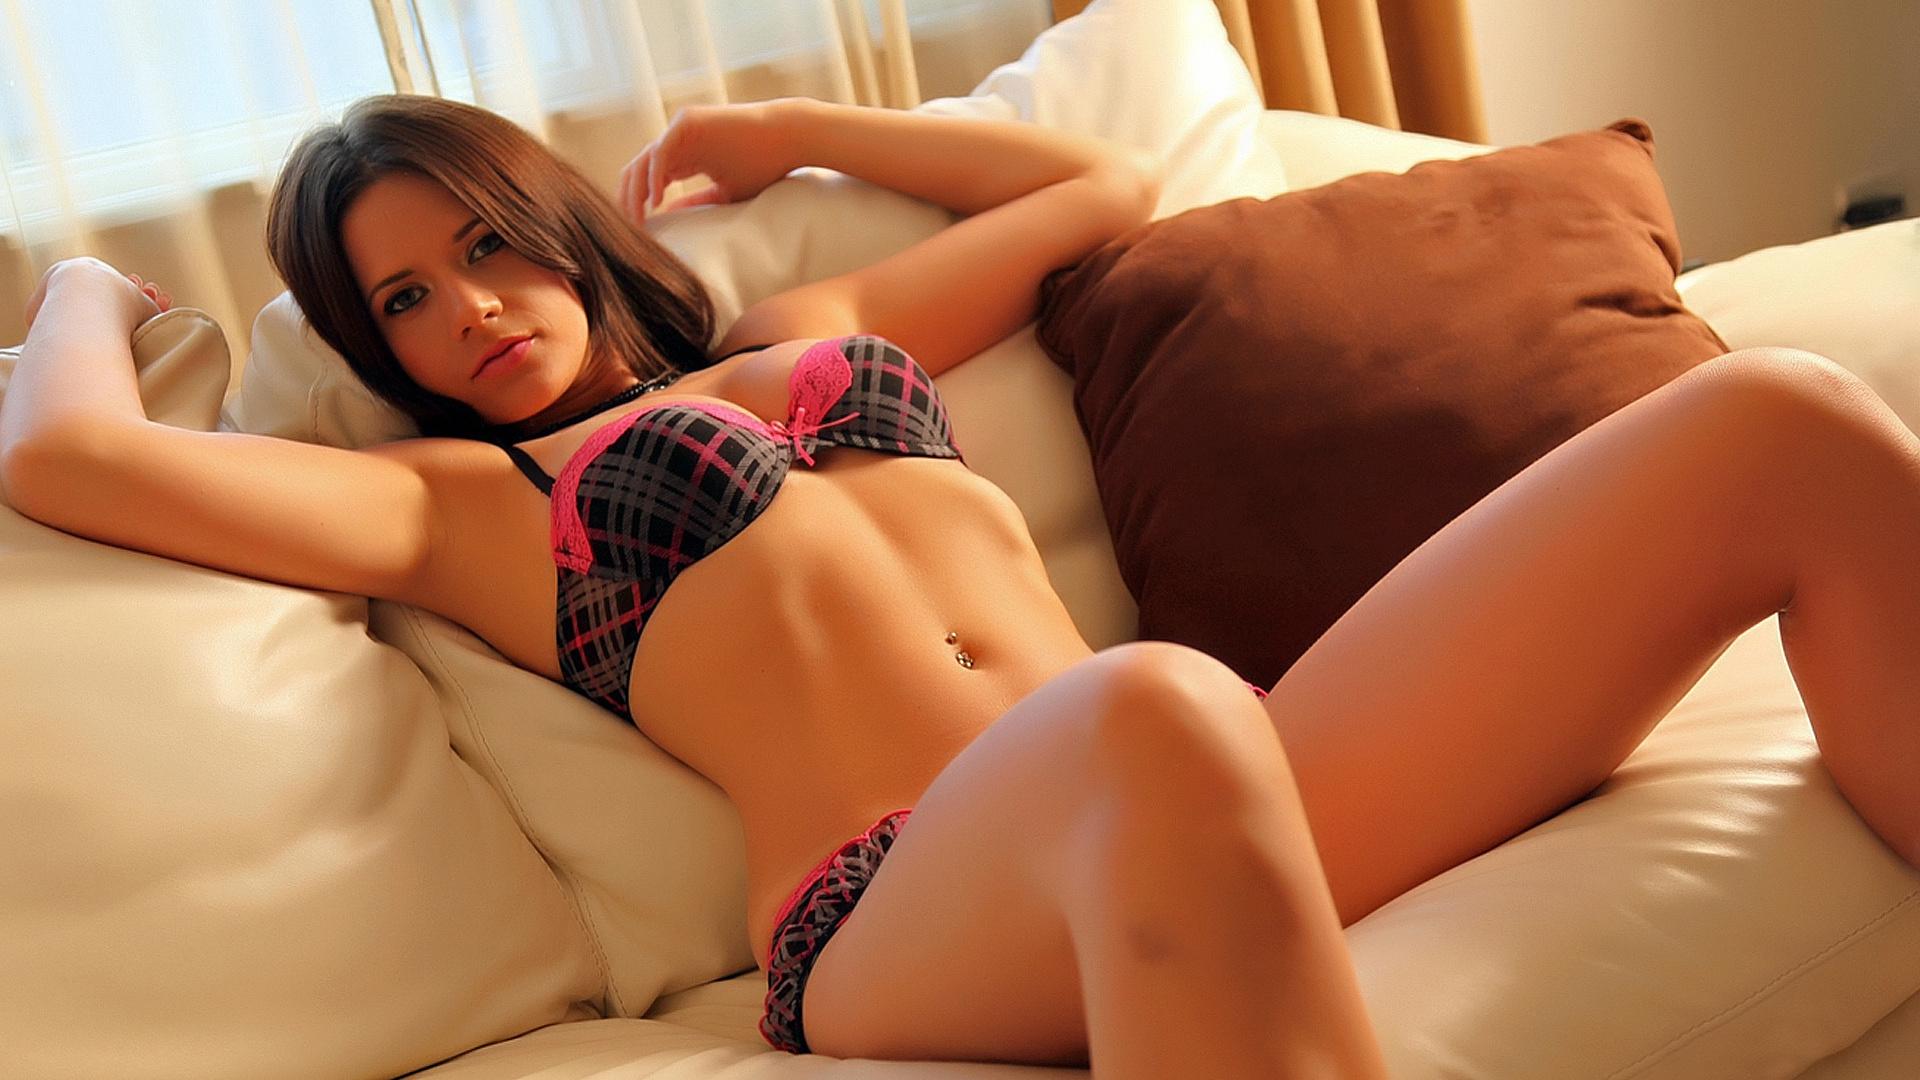 Секс с красивой молодой девушкой фото, Красивый секс - смотреть порно фото онлайн бесплатно 18 фотография